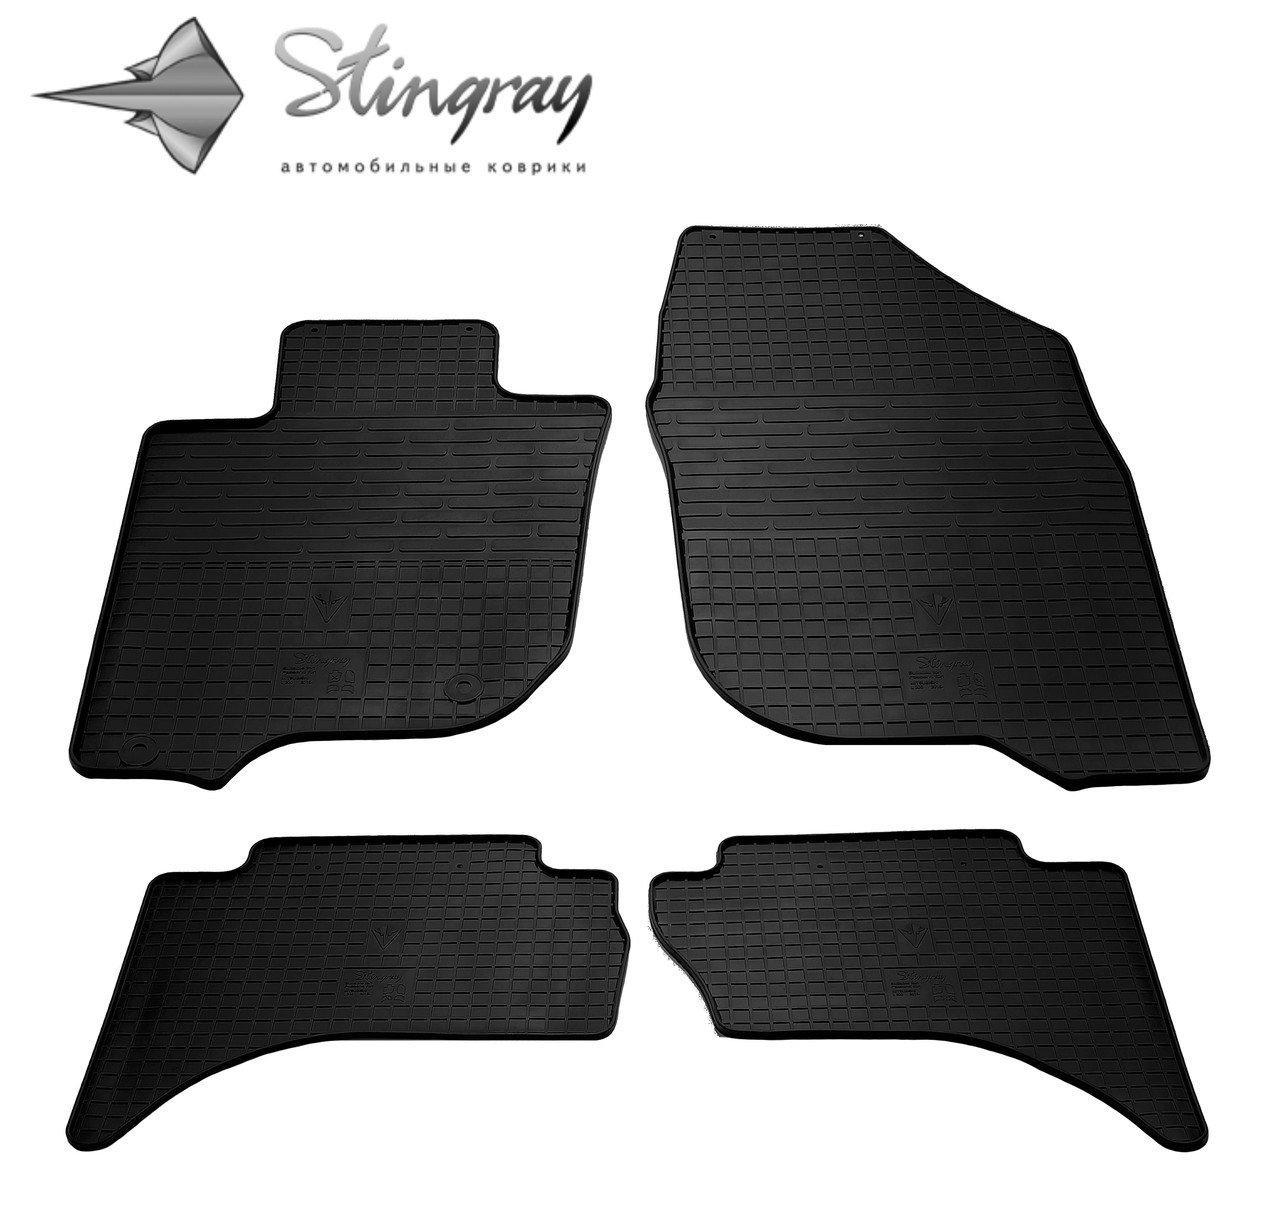 Коврики автомобильные Fiat Fullback 2016- Комплект из 4-х ковриков Stingray